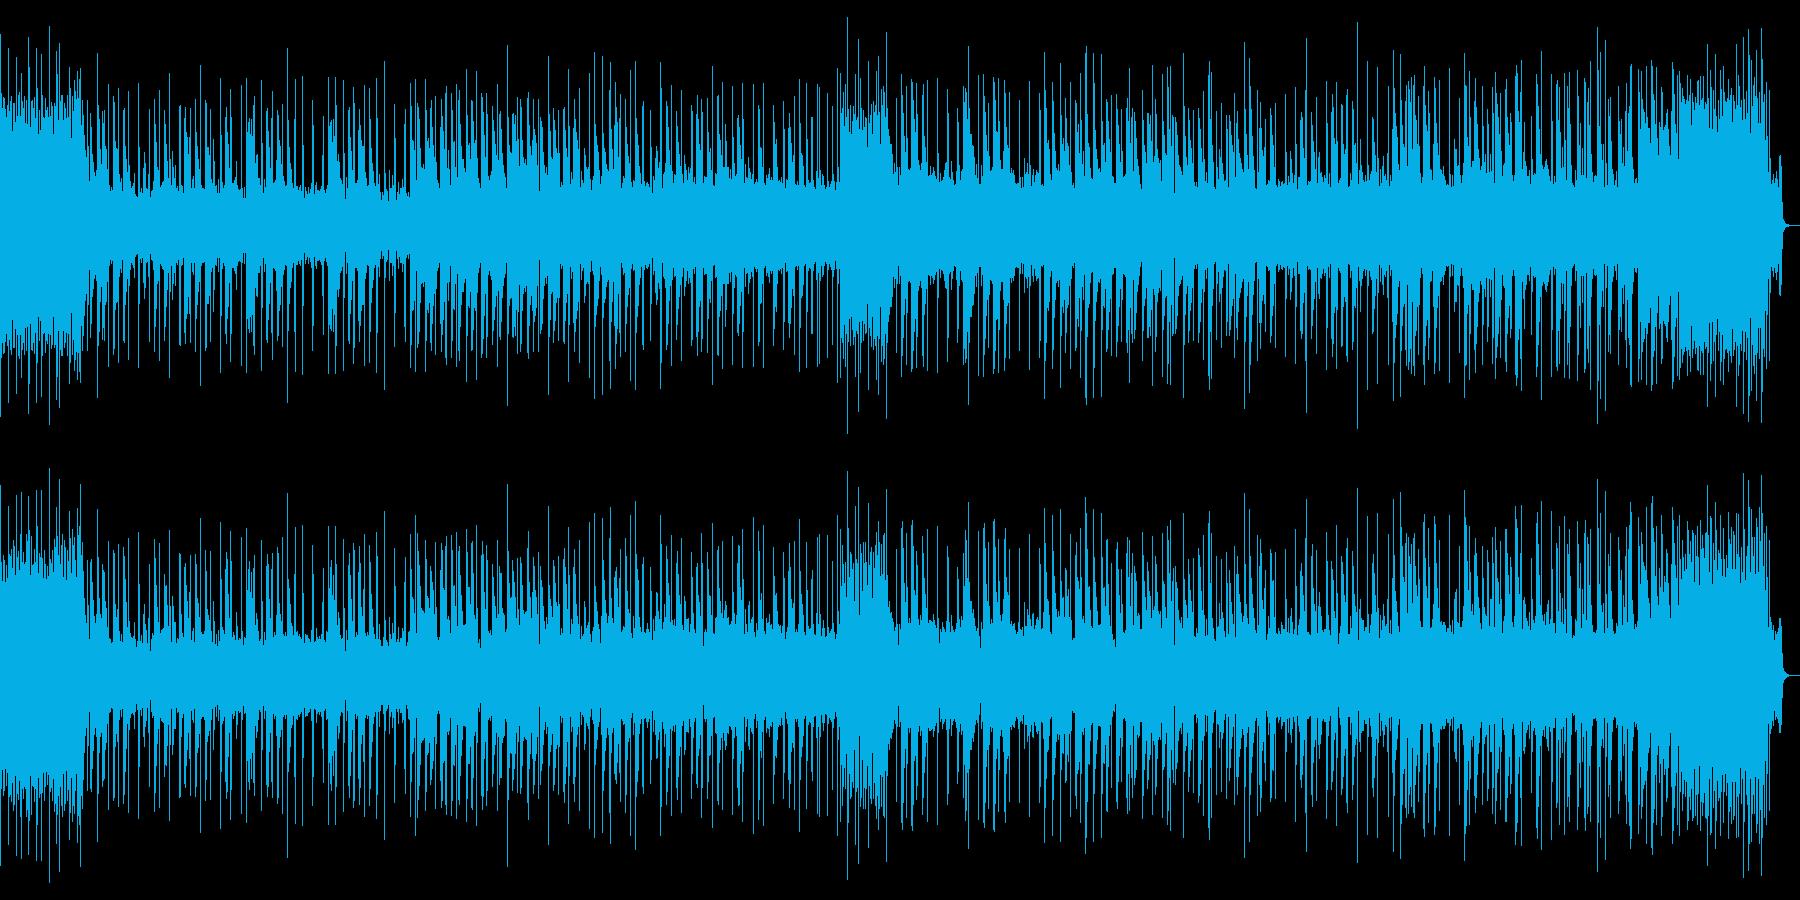 8bit 疾走感のあるチップチューンの再生済みの波形